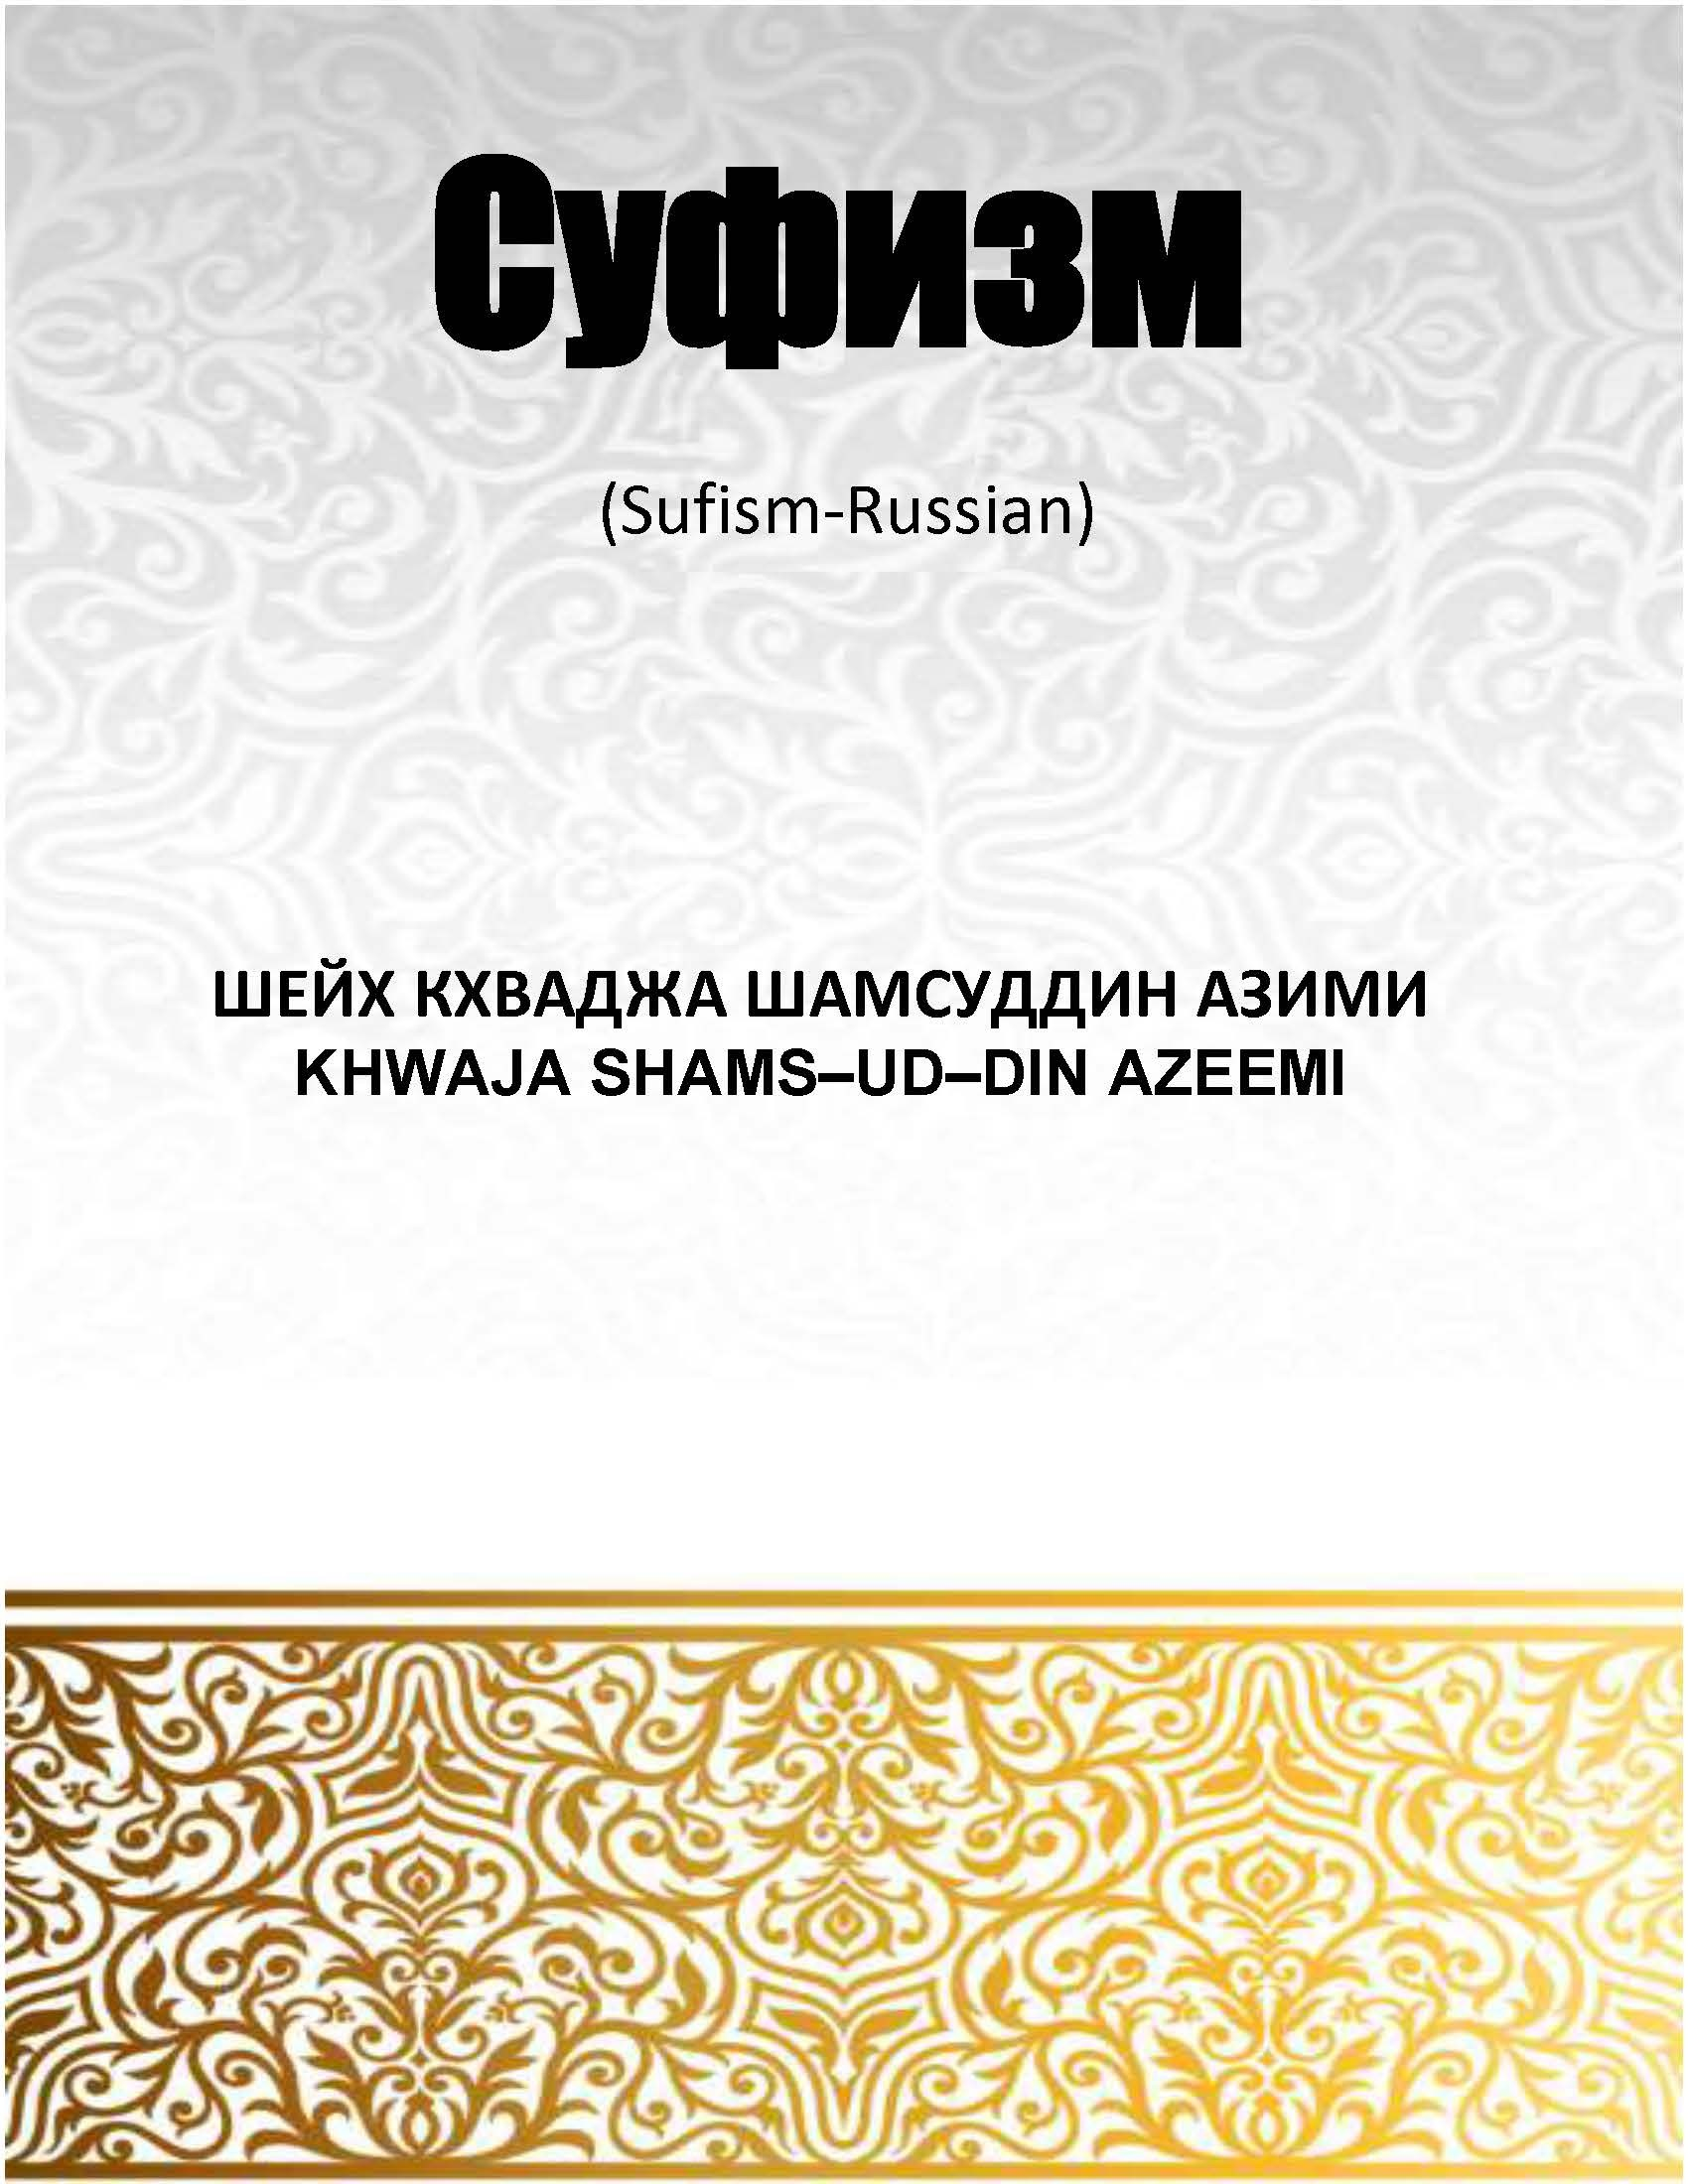 Суфизм - Sufism (Russian)